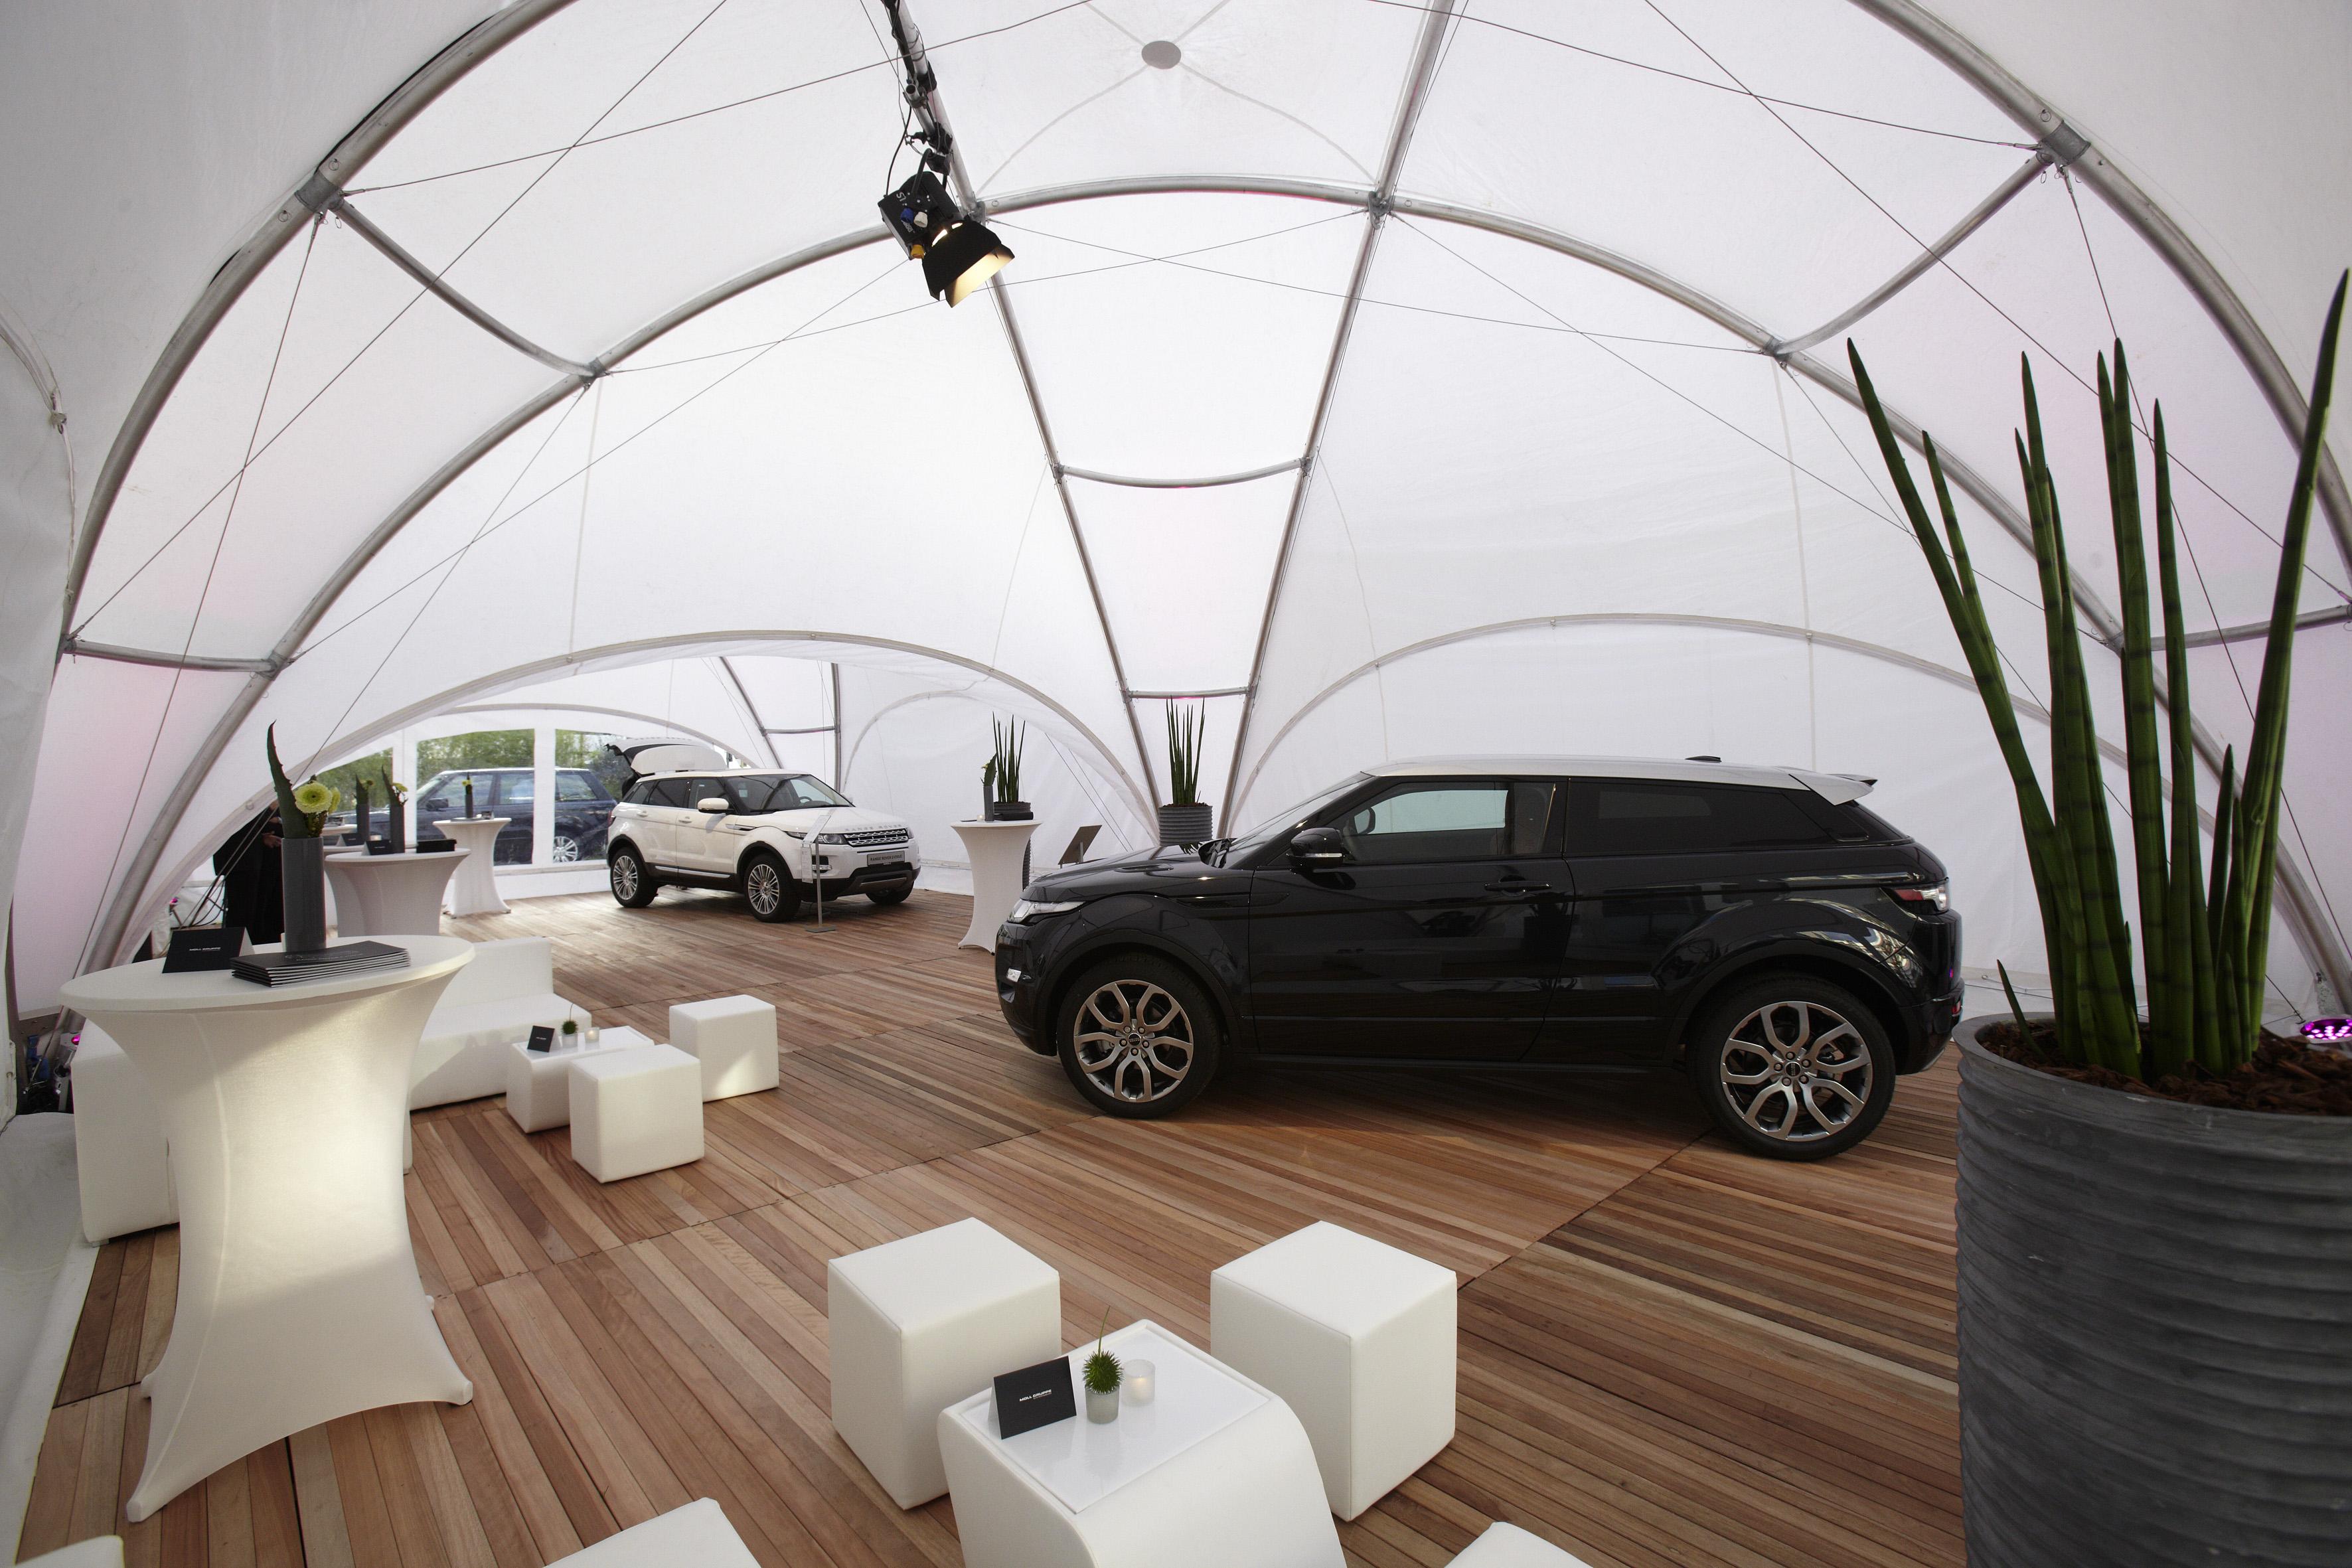 Concept Tent 1.0 & Concept Tent 1.0 u2013 Emergency Habitat